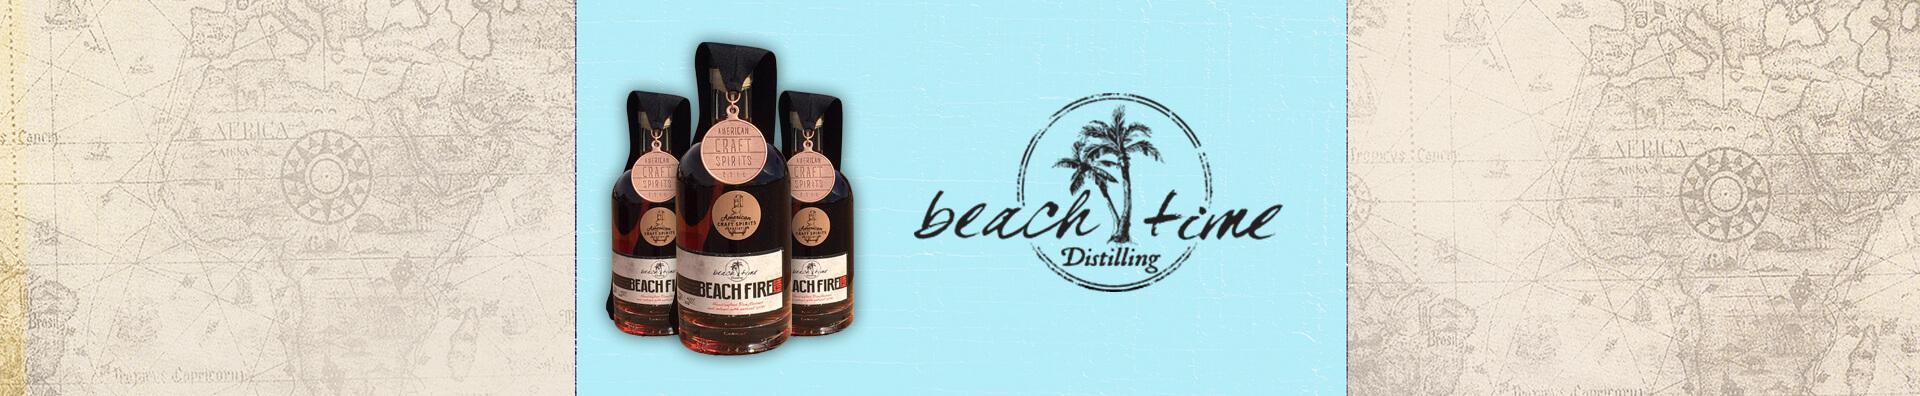 Beach Time Distilling